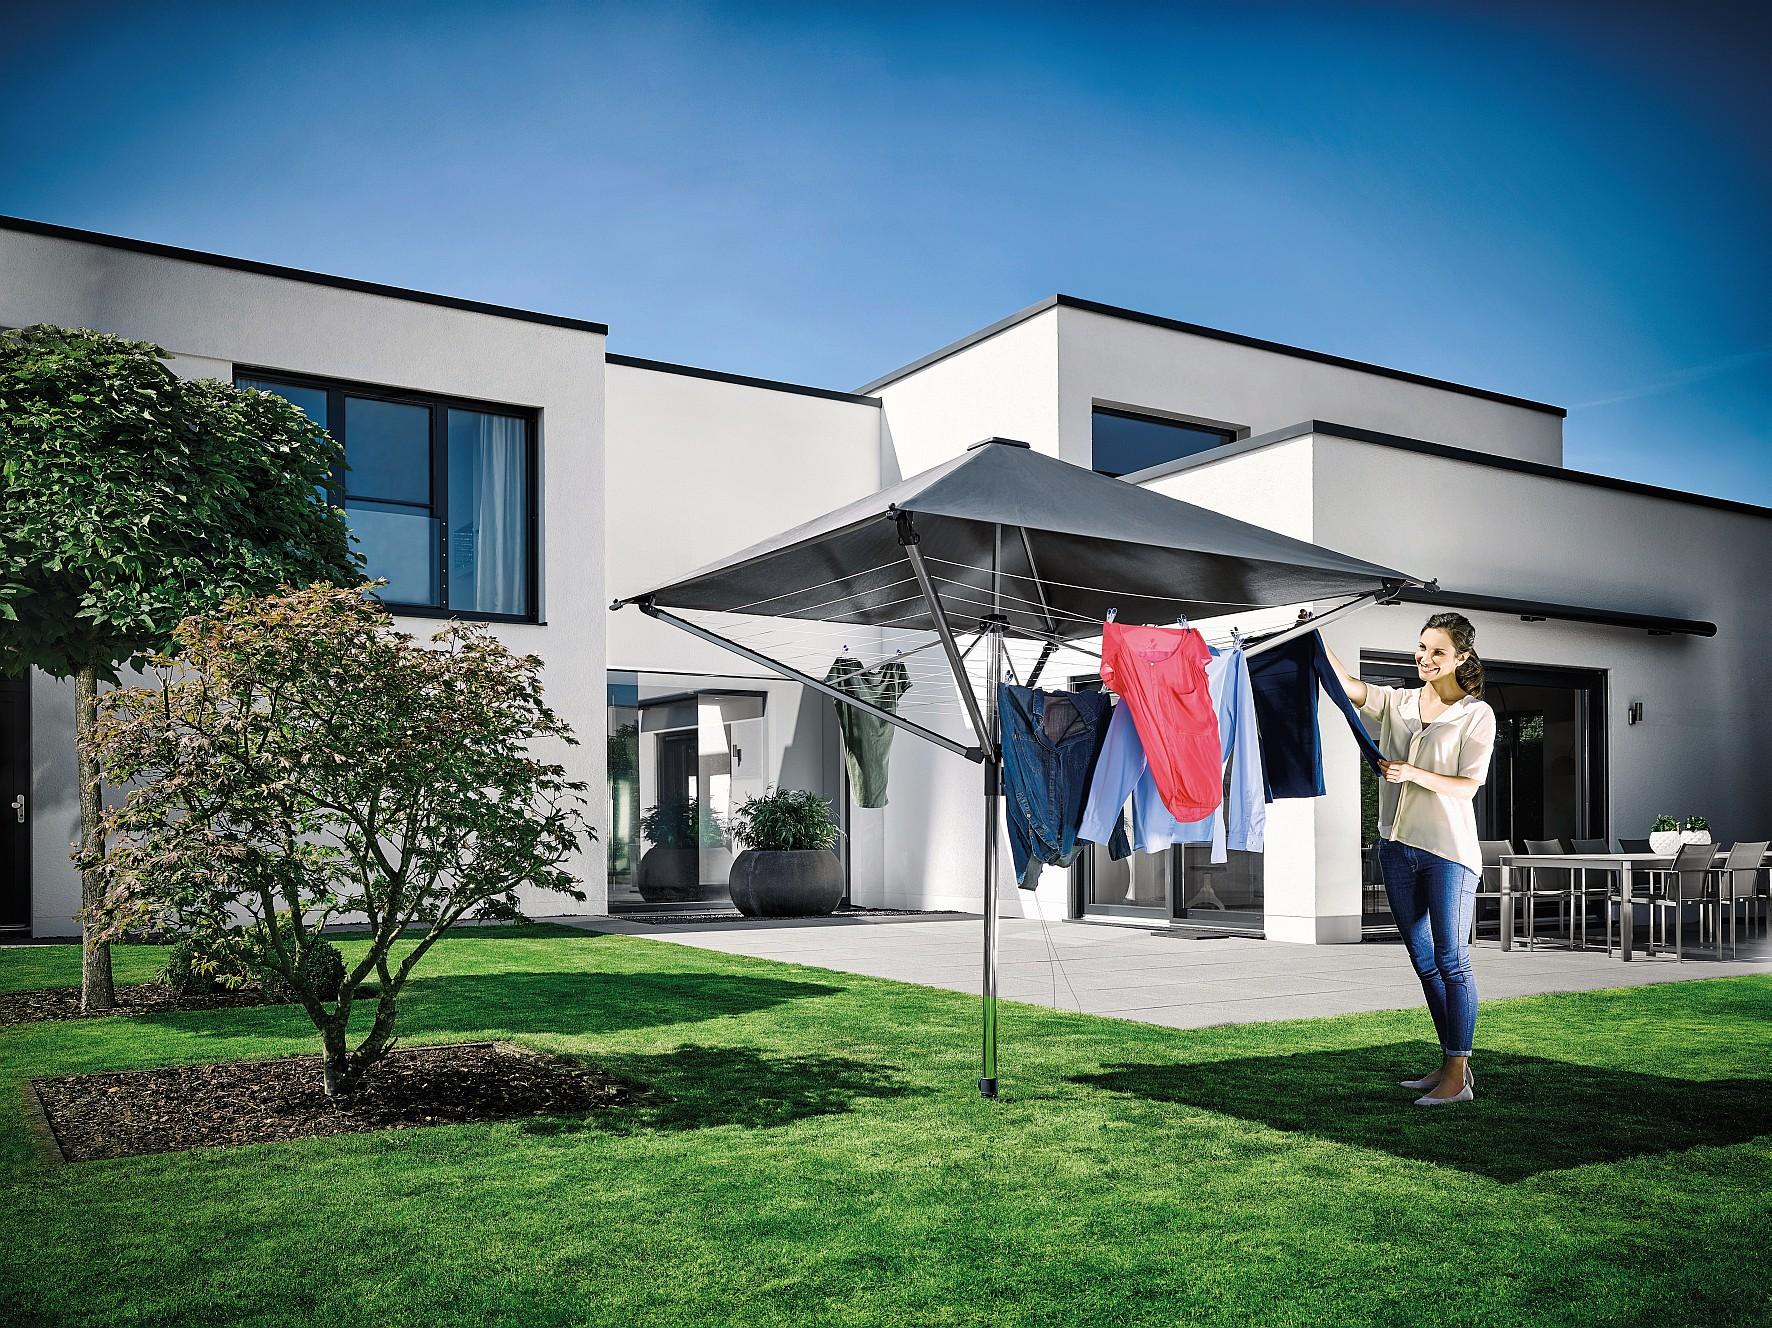 w schespinne mit dach sch tzt vor regen und uv strahlung. Black Bedroom Furniture Sets. Home Design Ideas